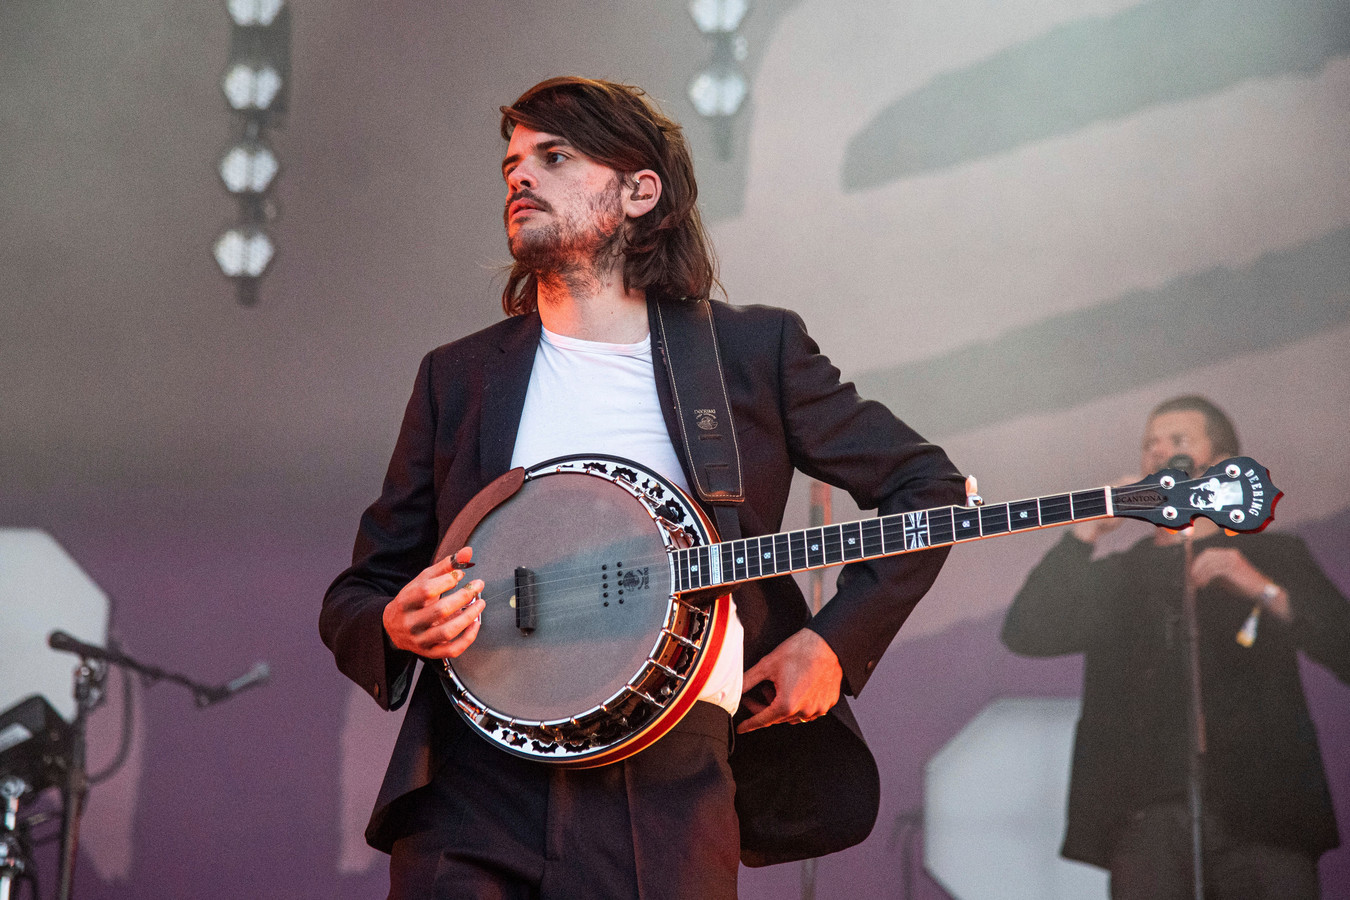 Winston Marshall tijdens een optreden in 2019